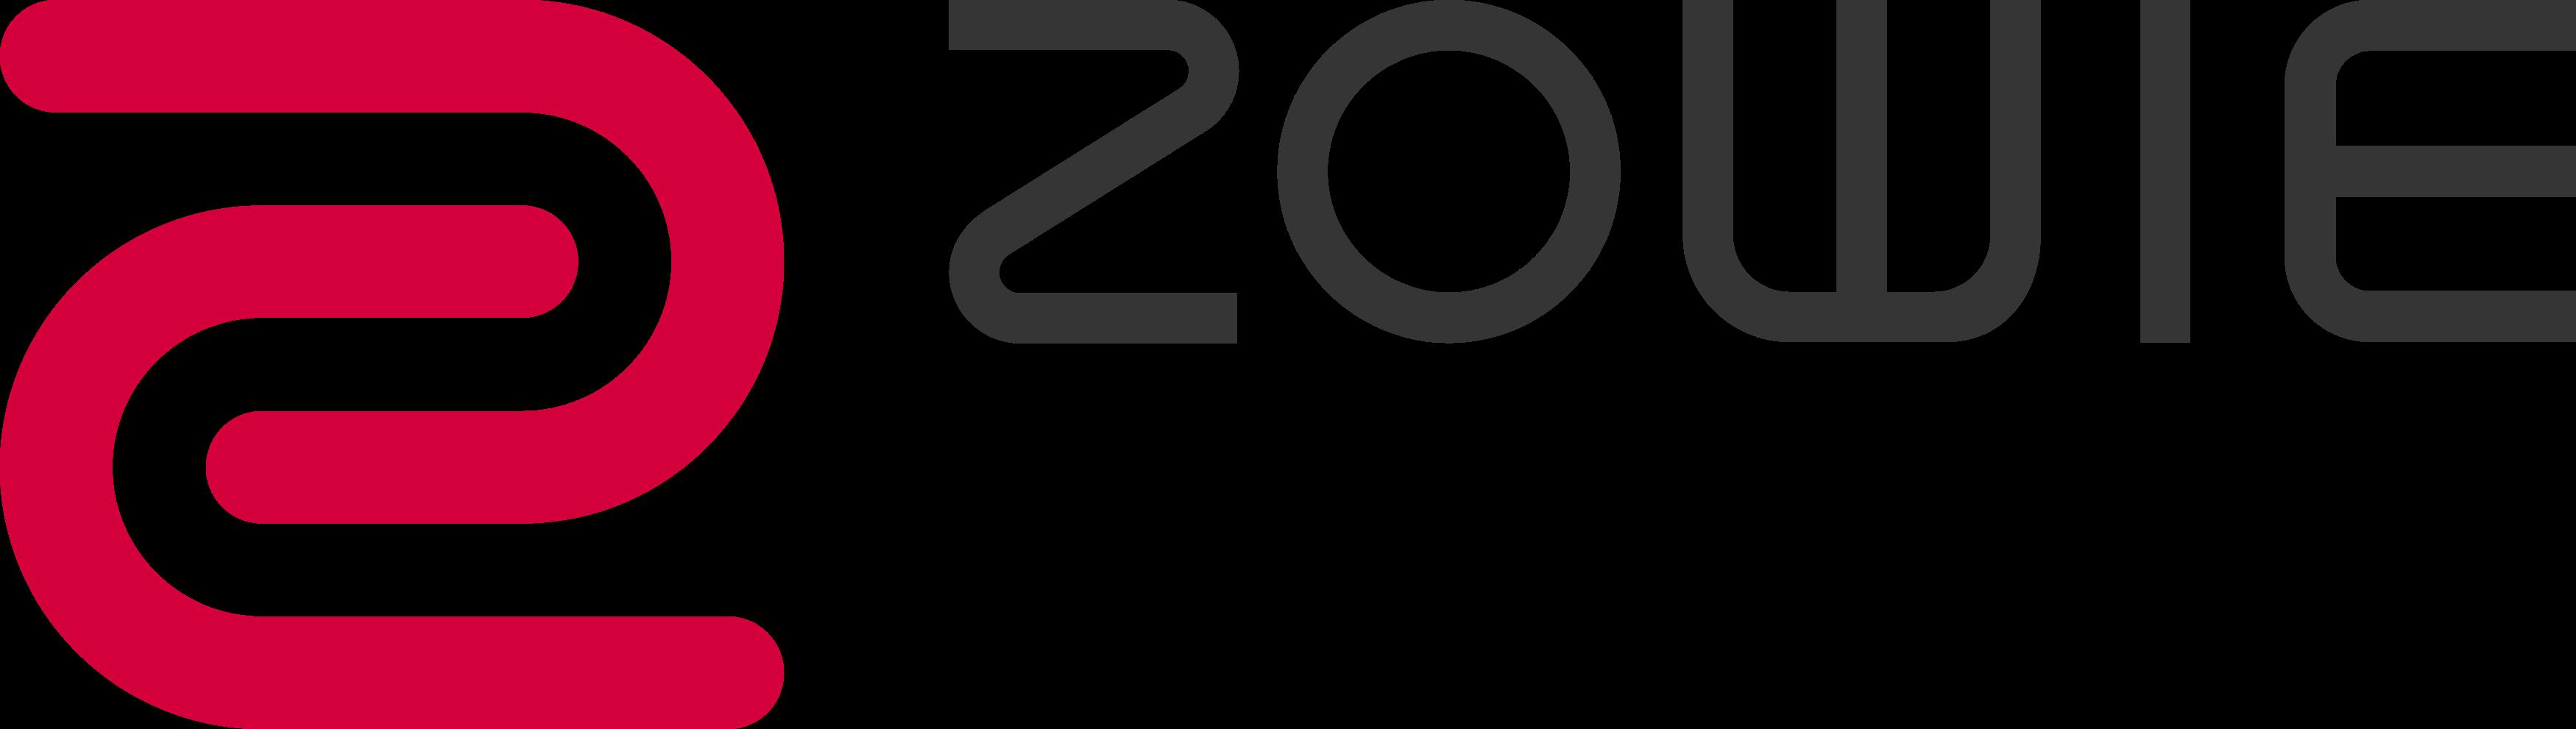 zowie logo - Zowie Logo